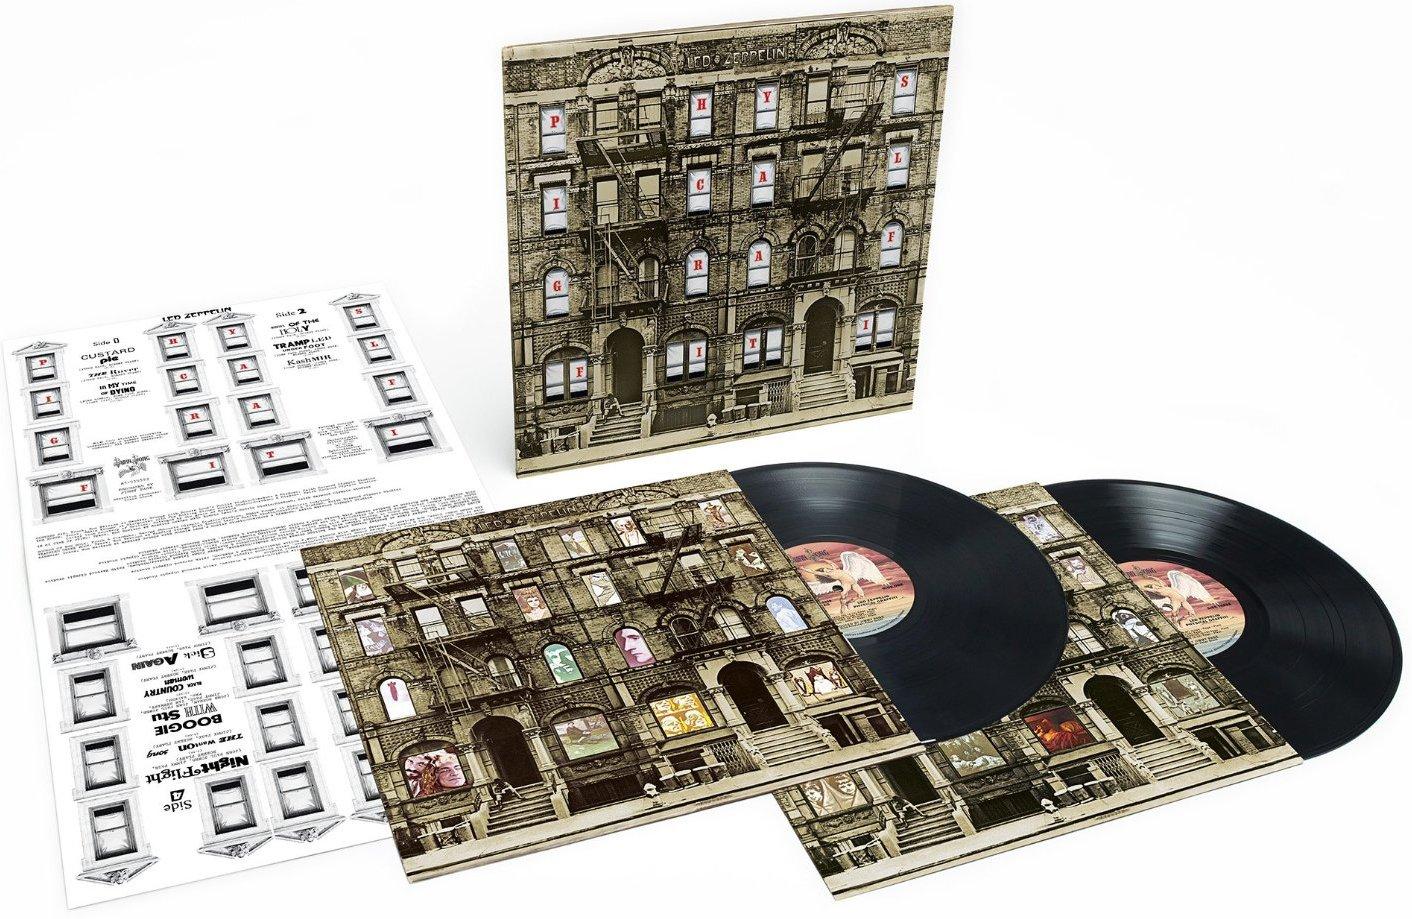 Vinilo : Led Zeppelin - Physical Graffiti (180 Gram Vinyl, Remastered, 2 Disc)